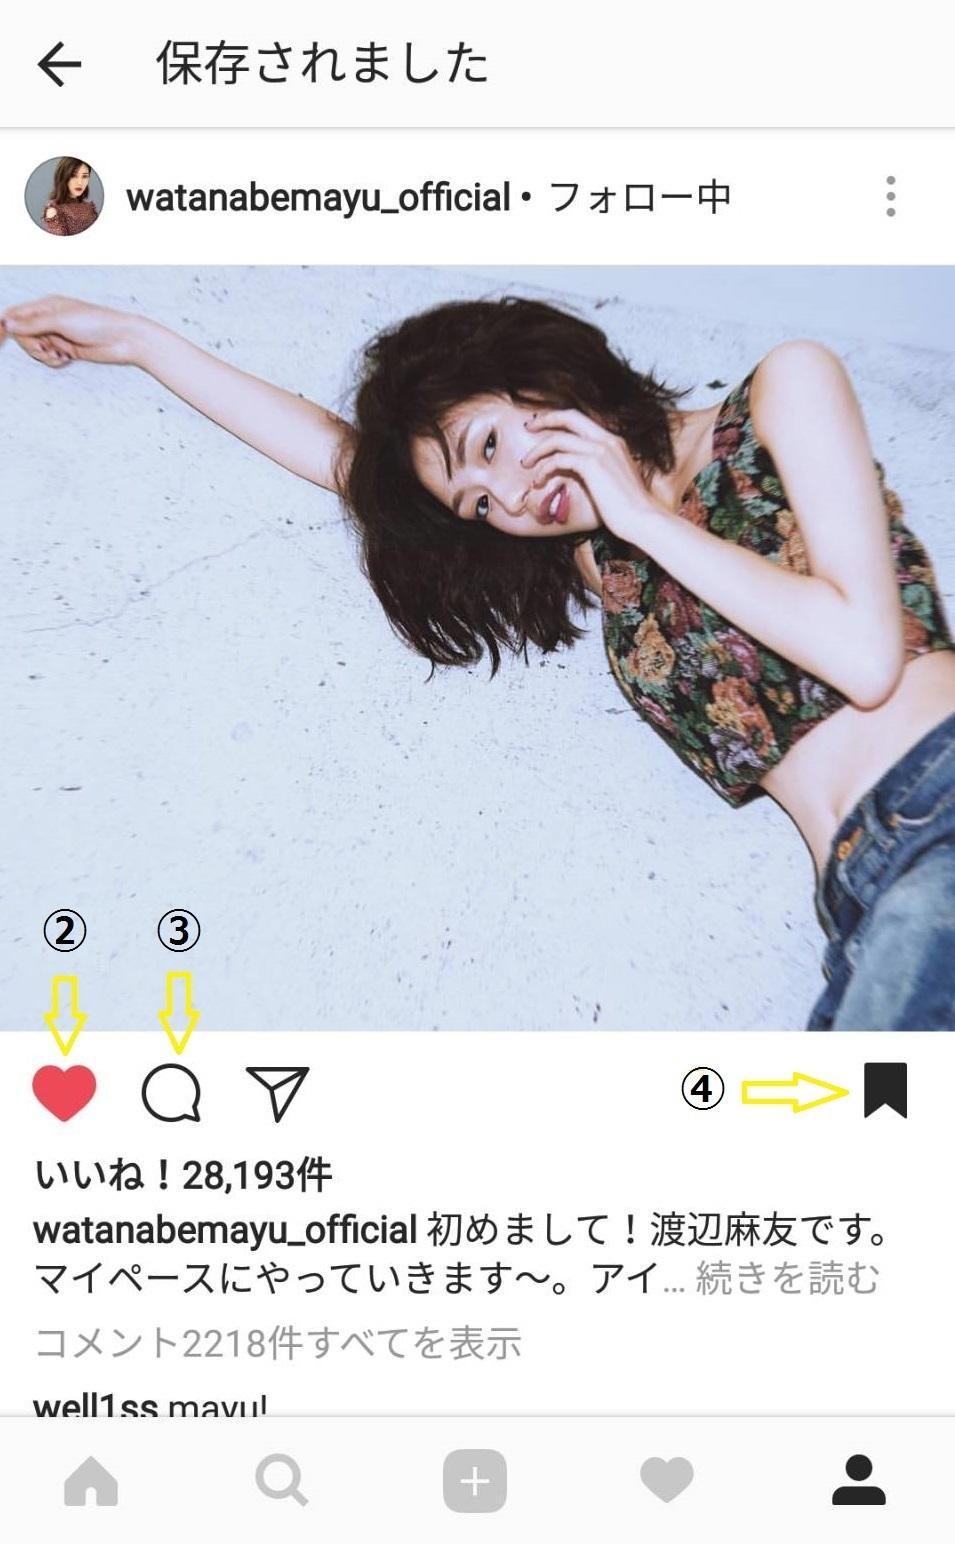 【まゆヲタ】Instagramの解説